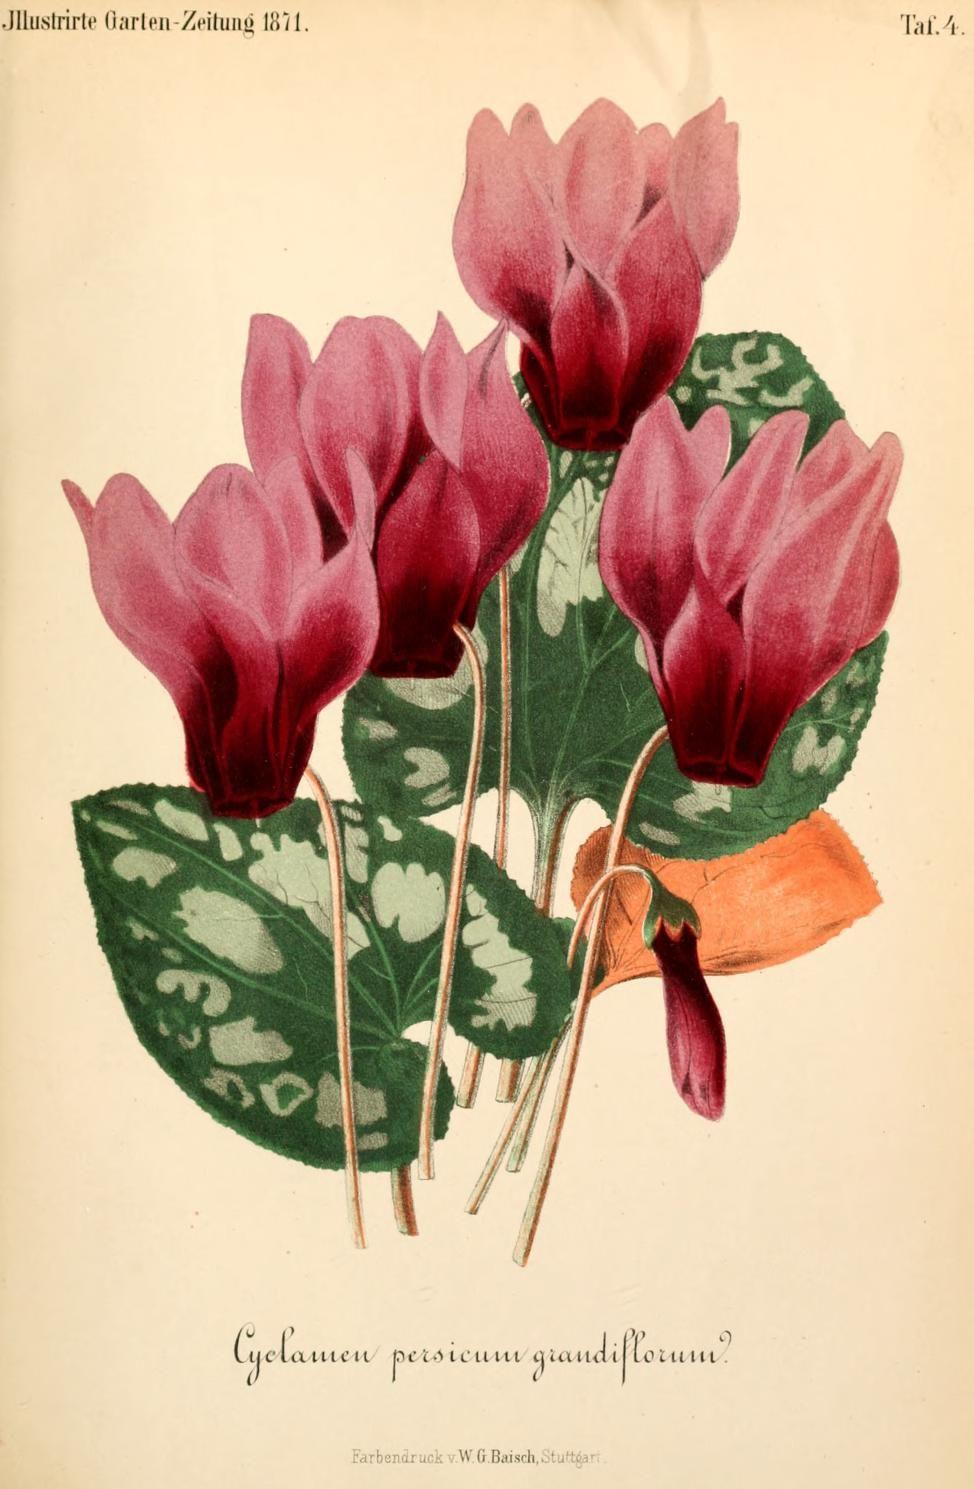 Bd 15 1871 Illustrierte Garten Zeitung Biodiversity Heritage Library Flower Pictures Botanical Prints Clip Art Vintage